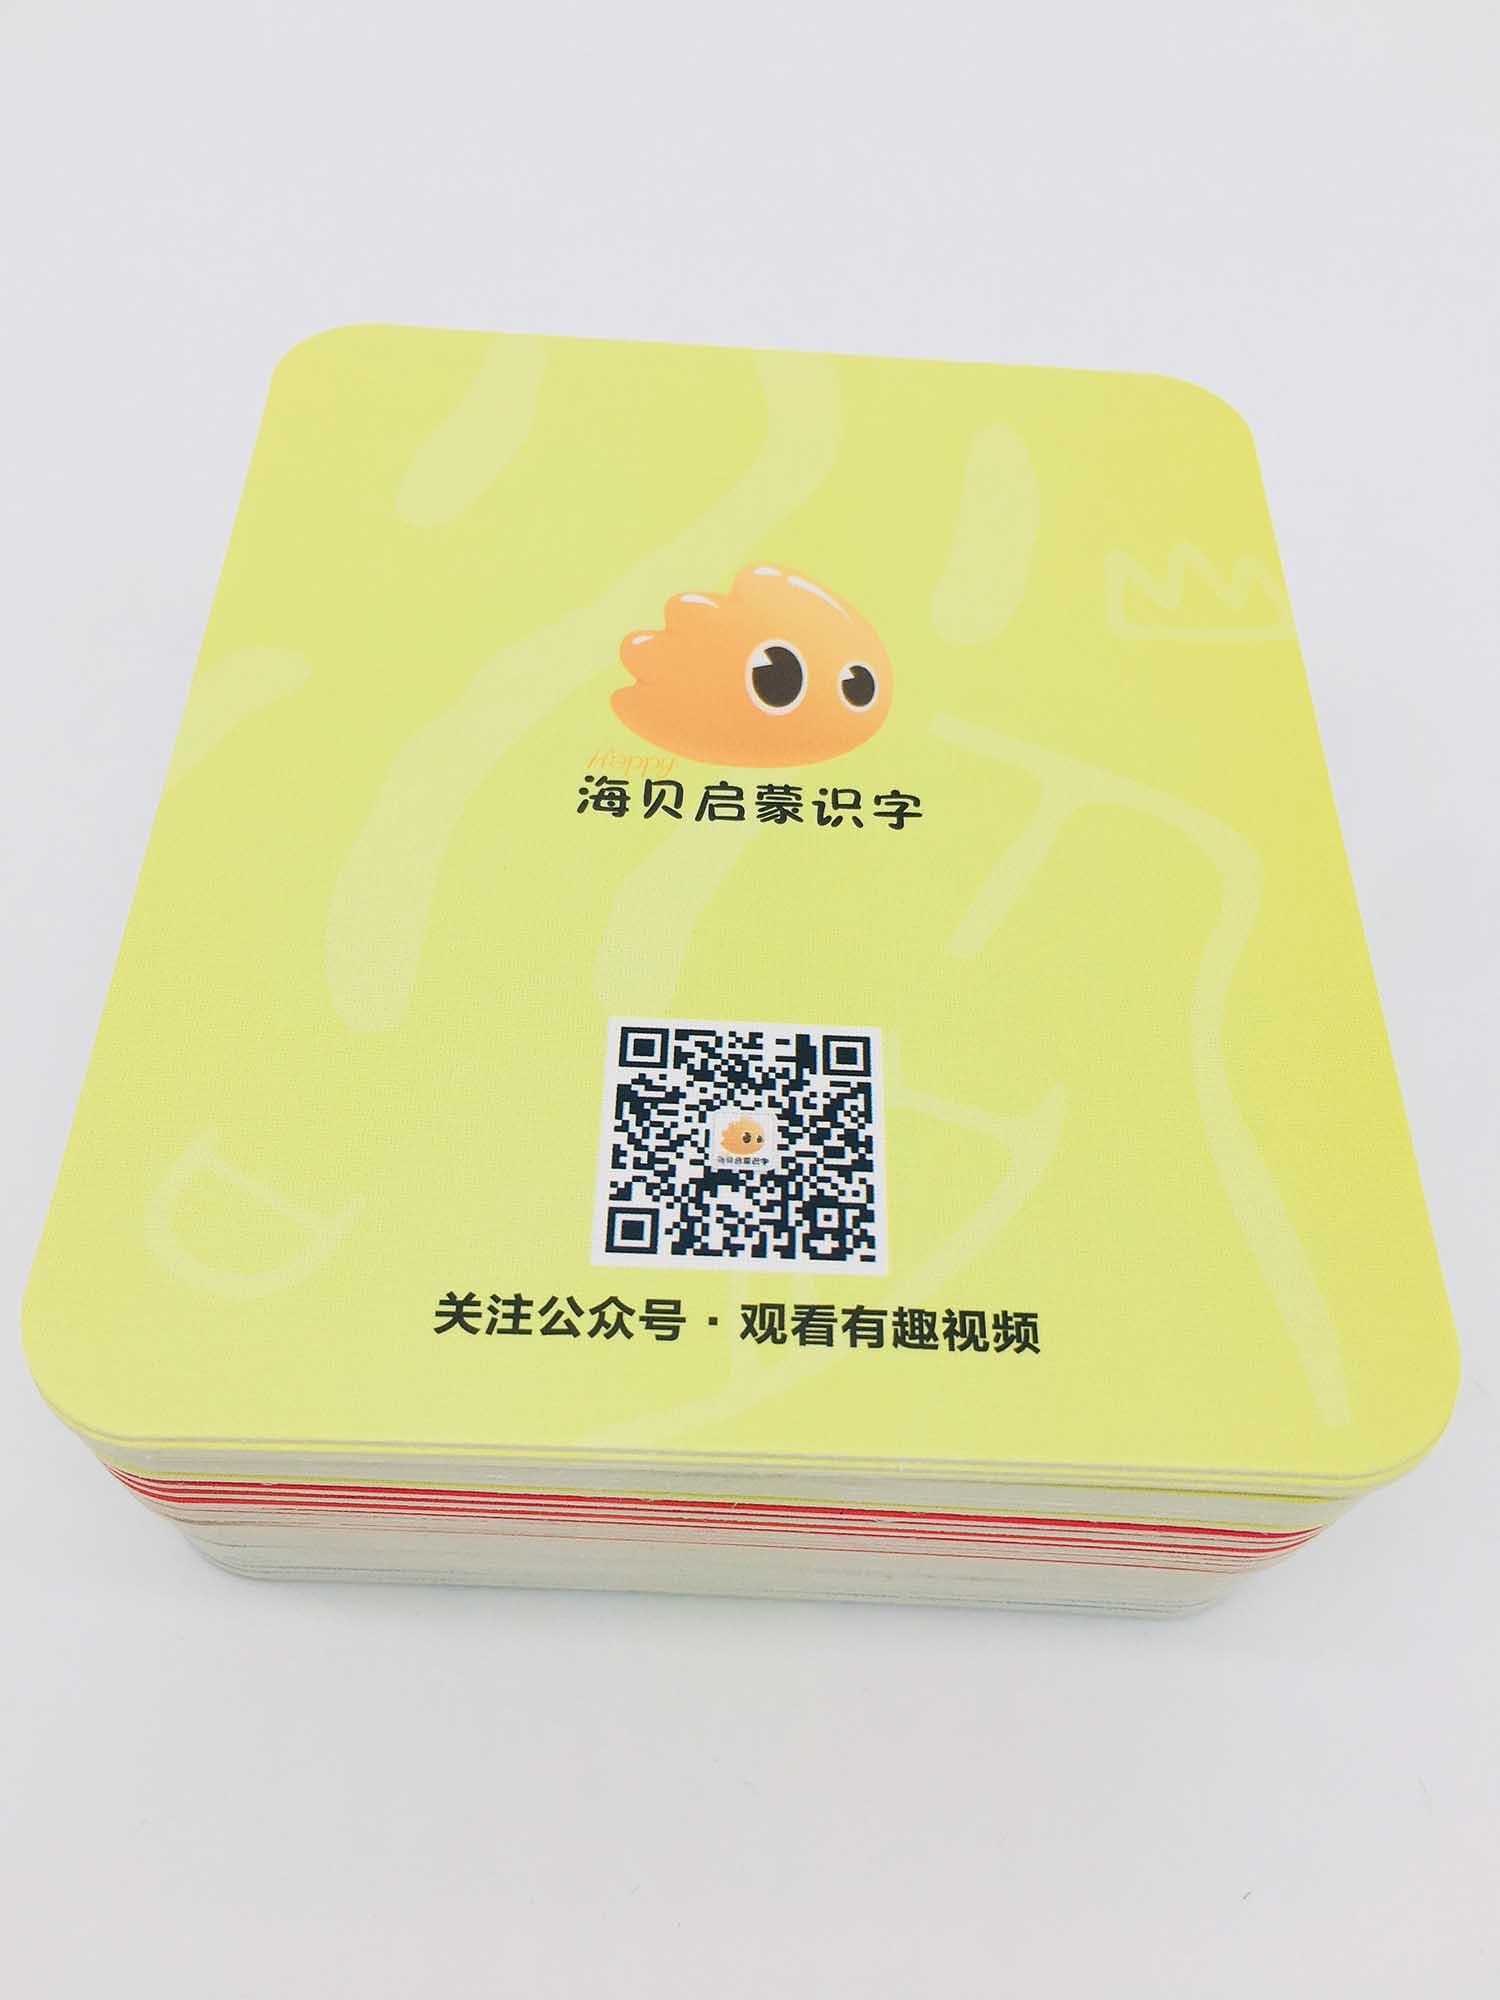 兴国印刷厂画册样本宣传册定制